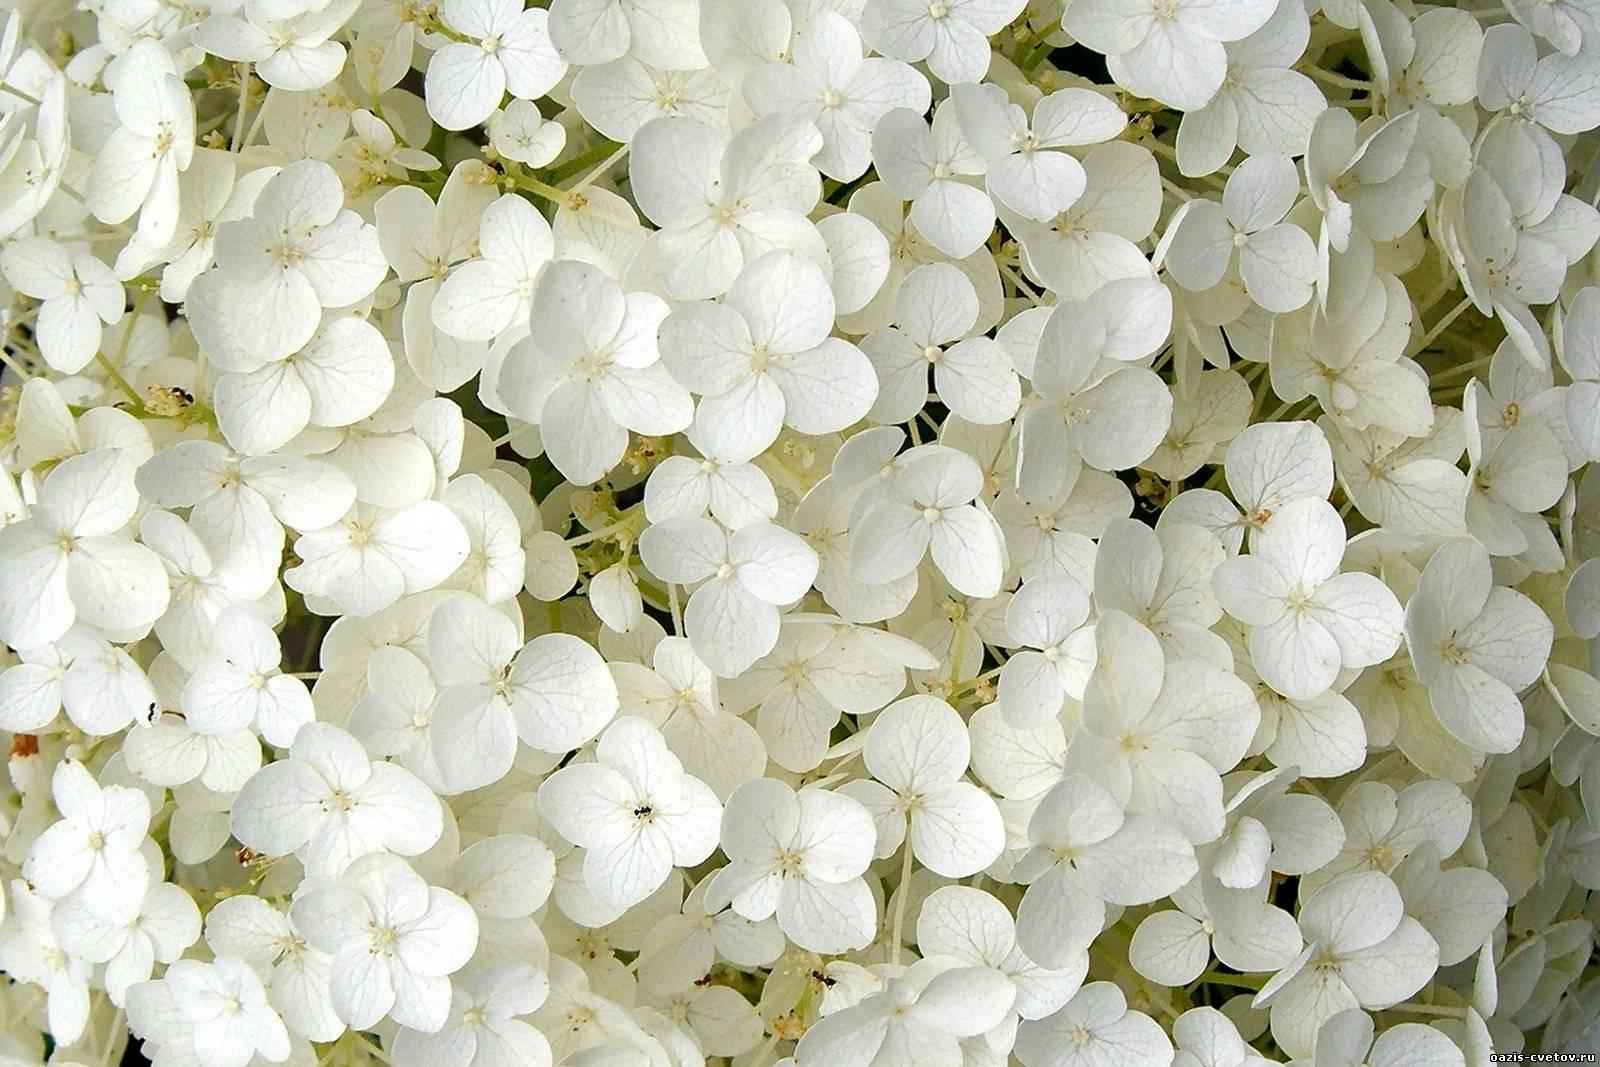 بالصور صور ورد ابيض اجمل صور ورود بيضاء متحركة صور زهور و ورد باللون الابيض . بوكيه للورود باللون الابيض 4563 6